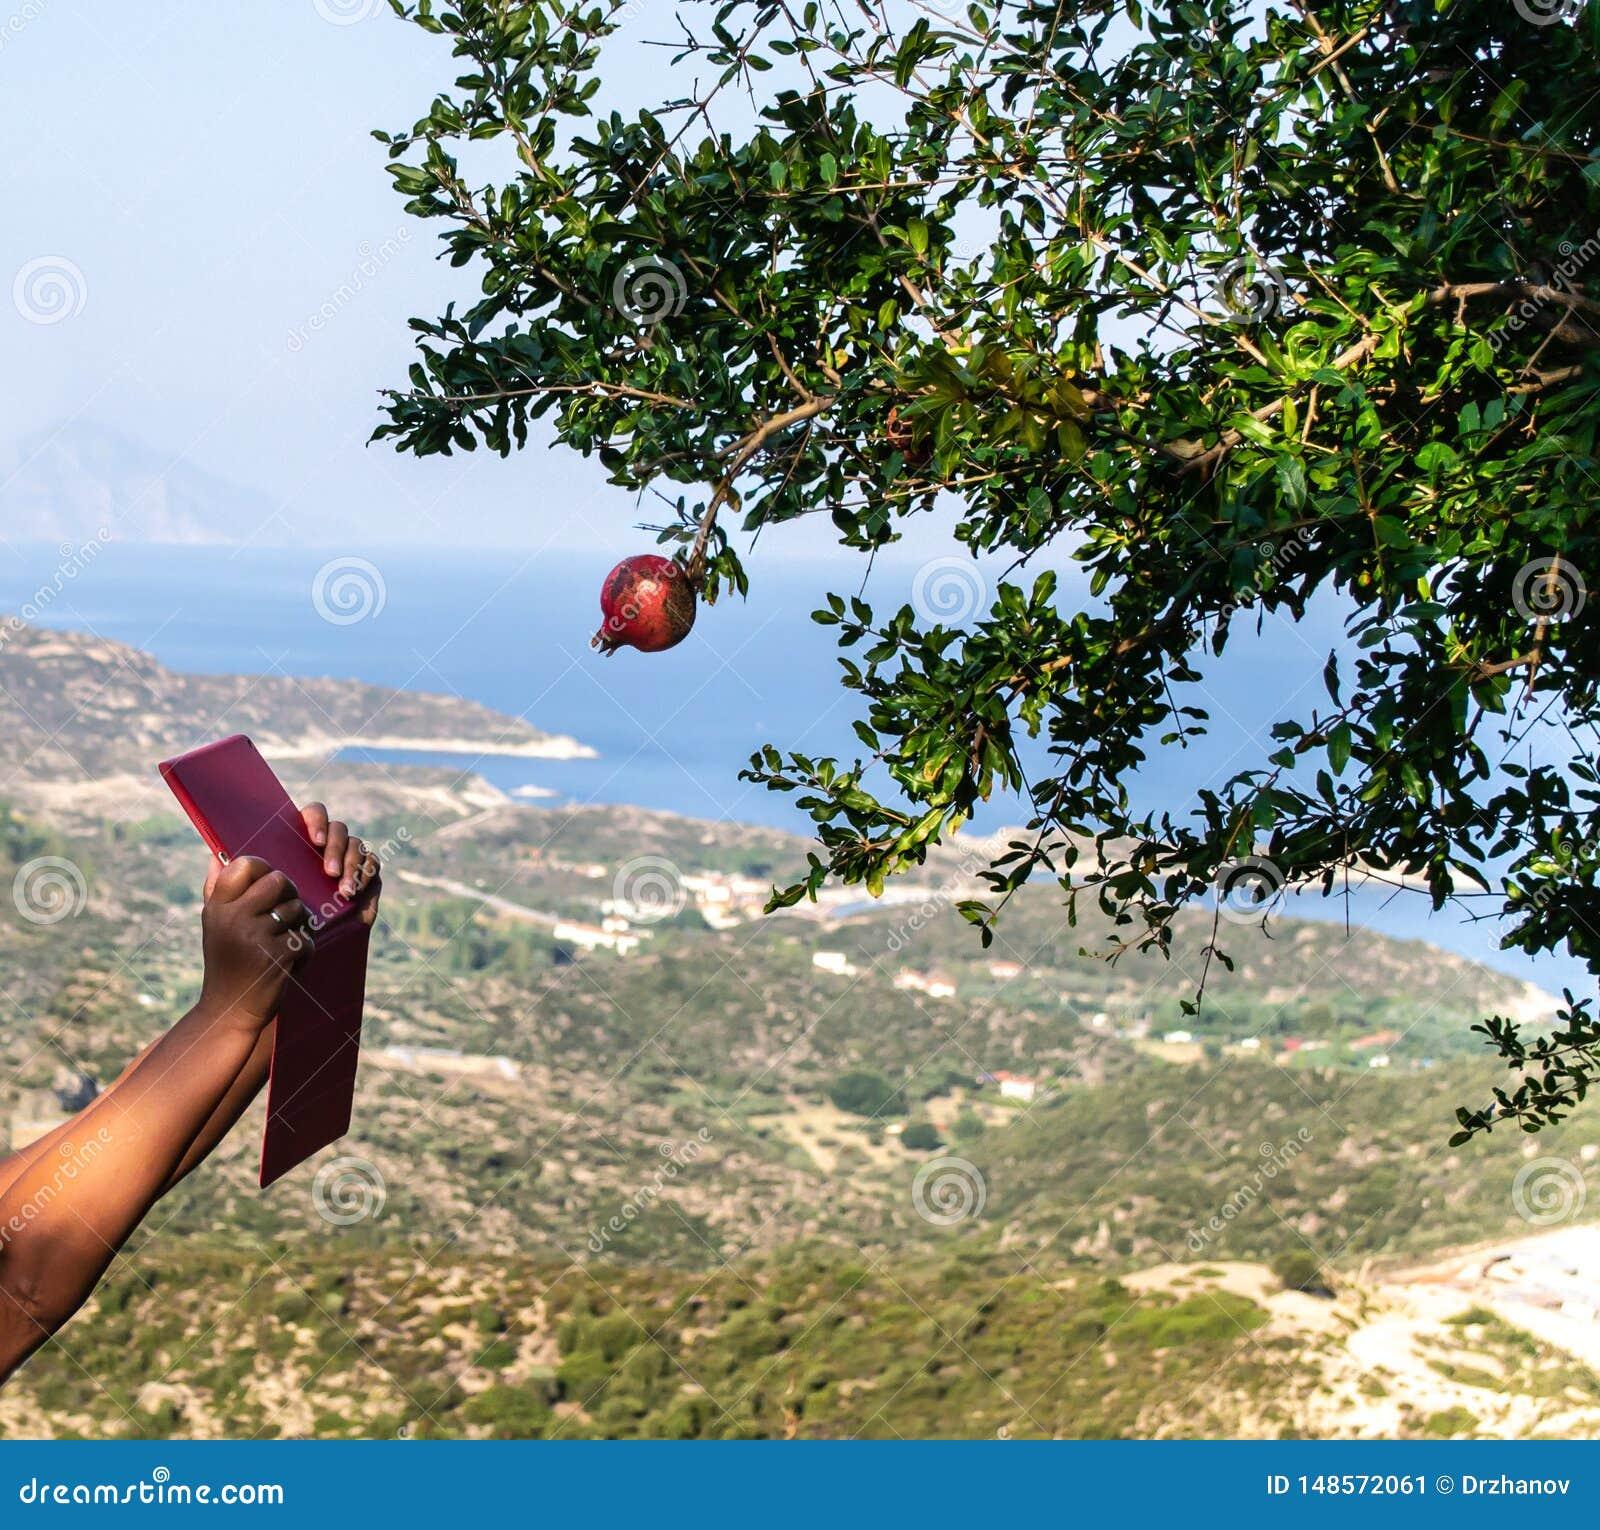 Руки женщины с красным планшетом пробуют принять фото одиночного красного плода венисы на дереве, с изумляя взглядом на береге мо